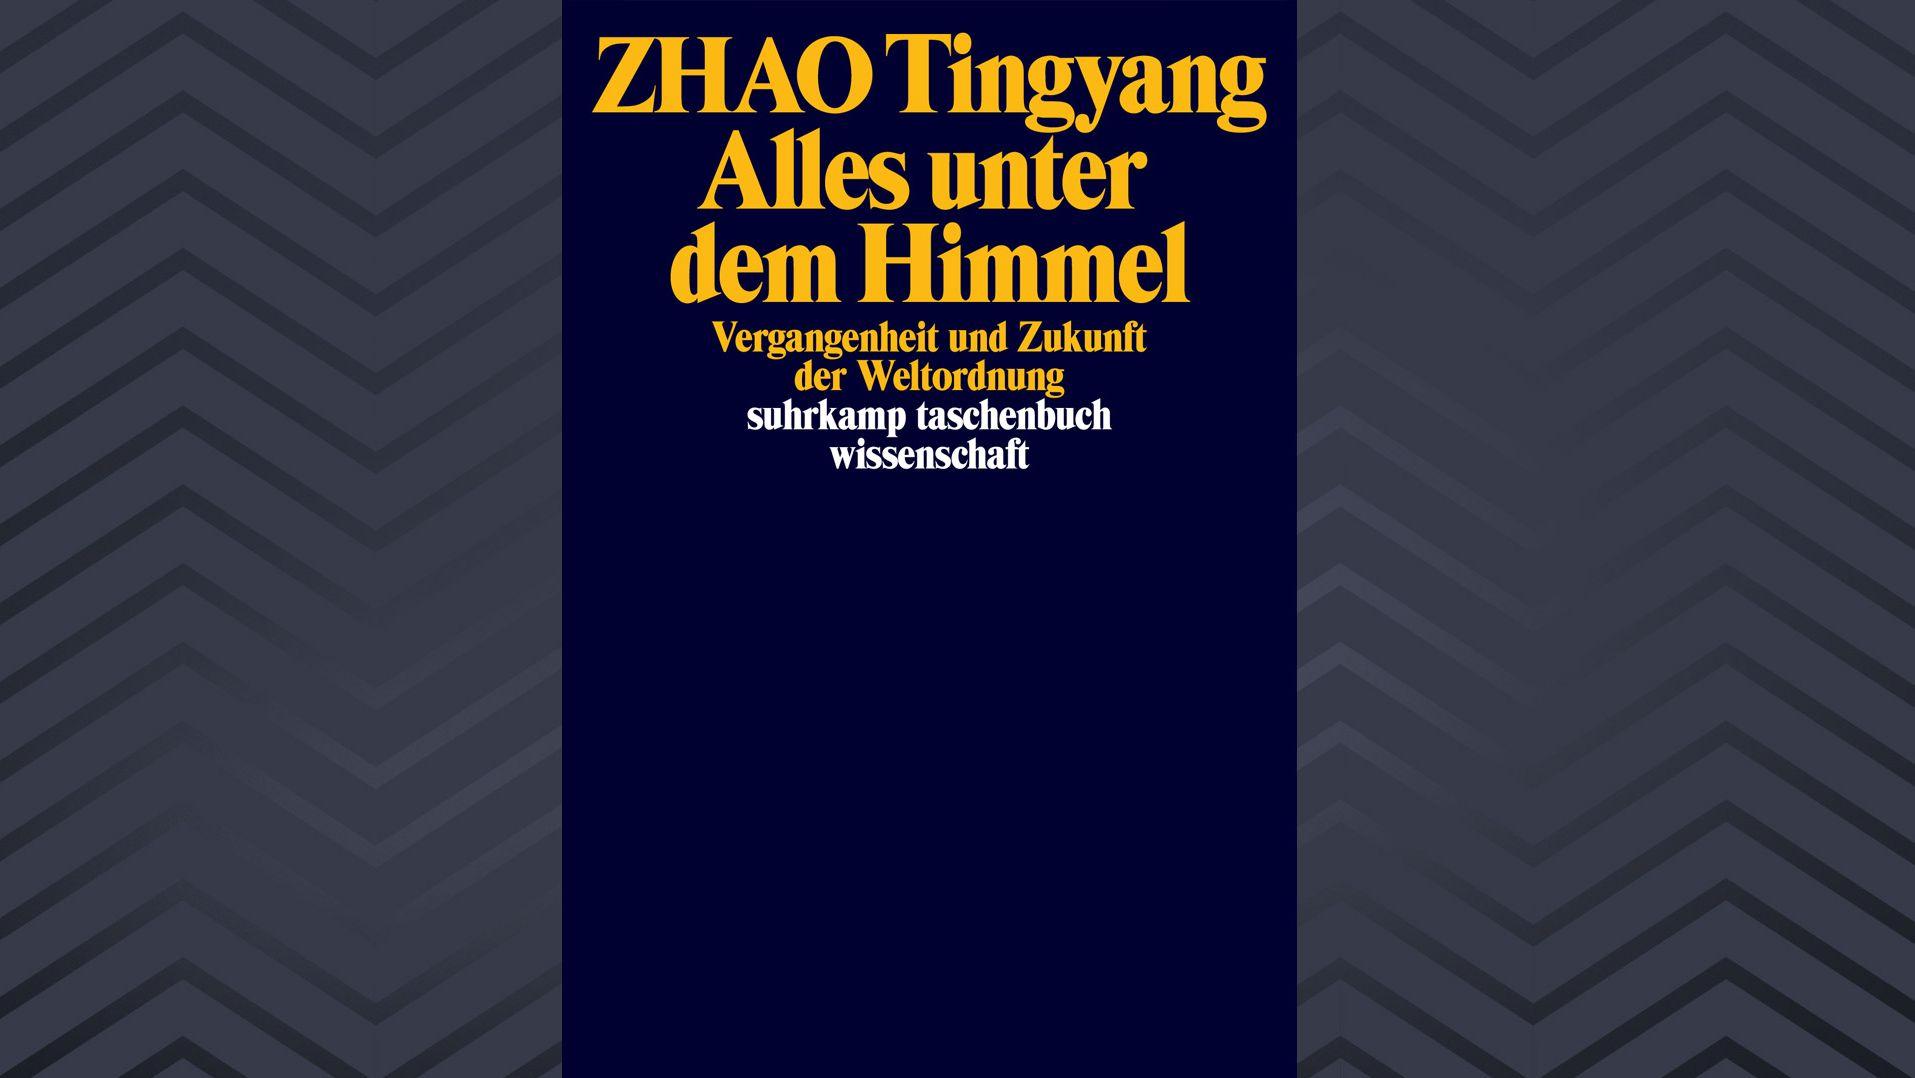 """Zhao Tingyang - """"Alles unter dem Himmel. Vergangenheit und Zukunft der Weltordnung"""""""